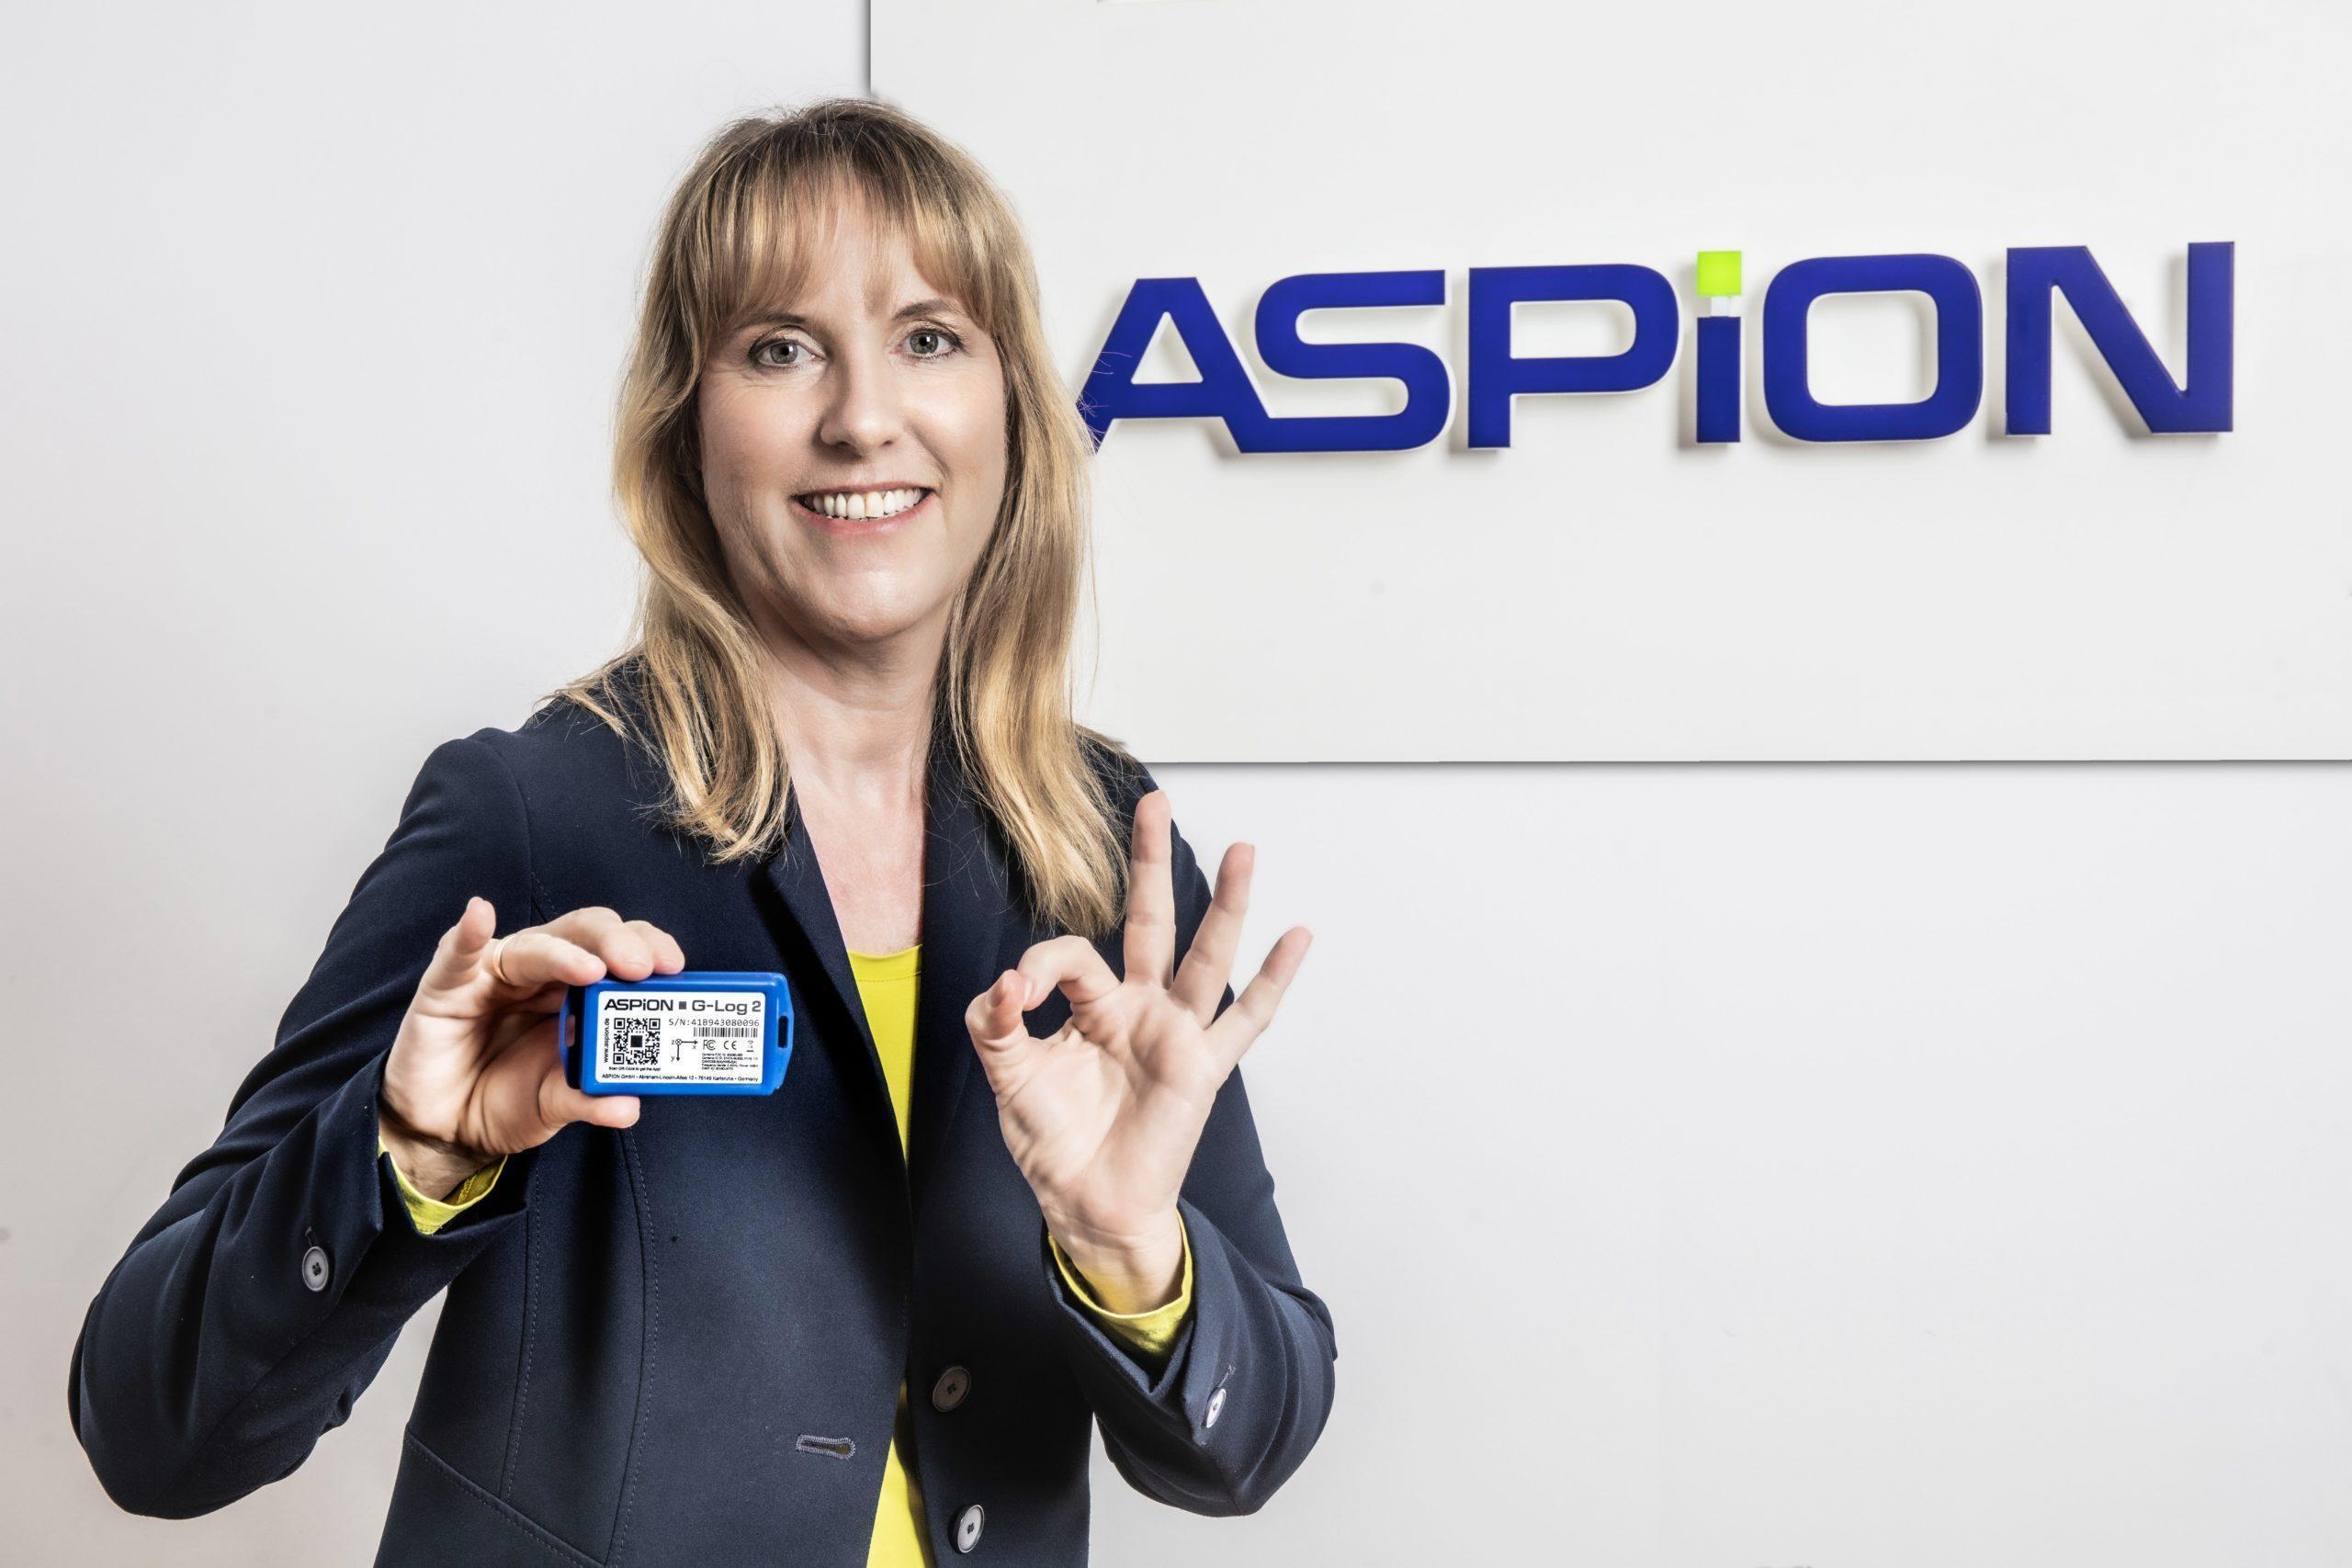 ASPION Geschäftsführerin Martina Wöhr mit dem Transportdatenlogger ASPION G-Log 2